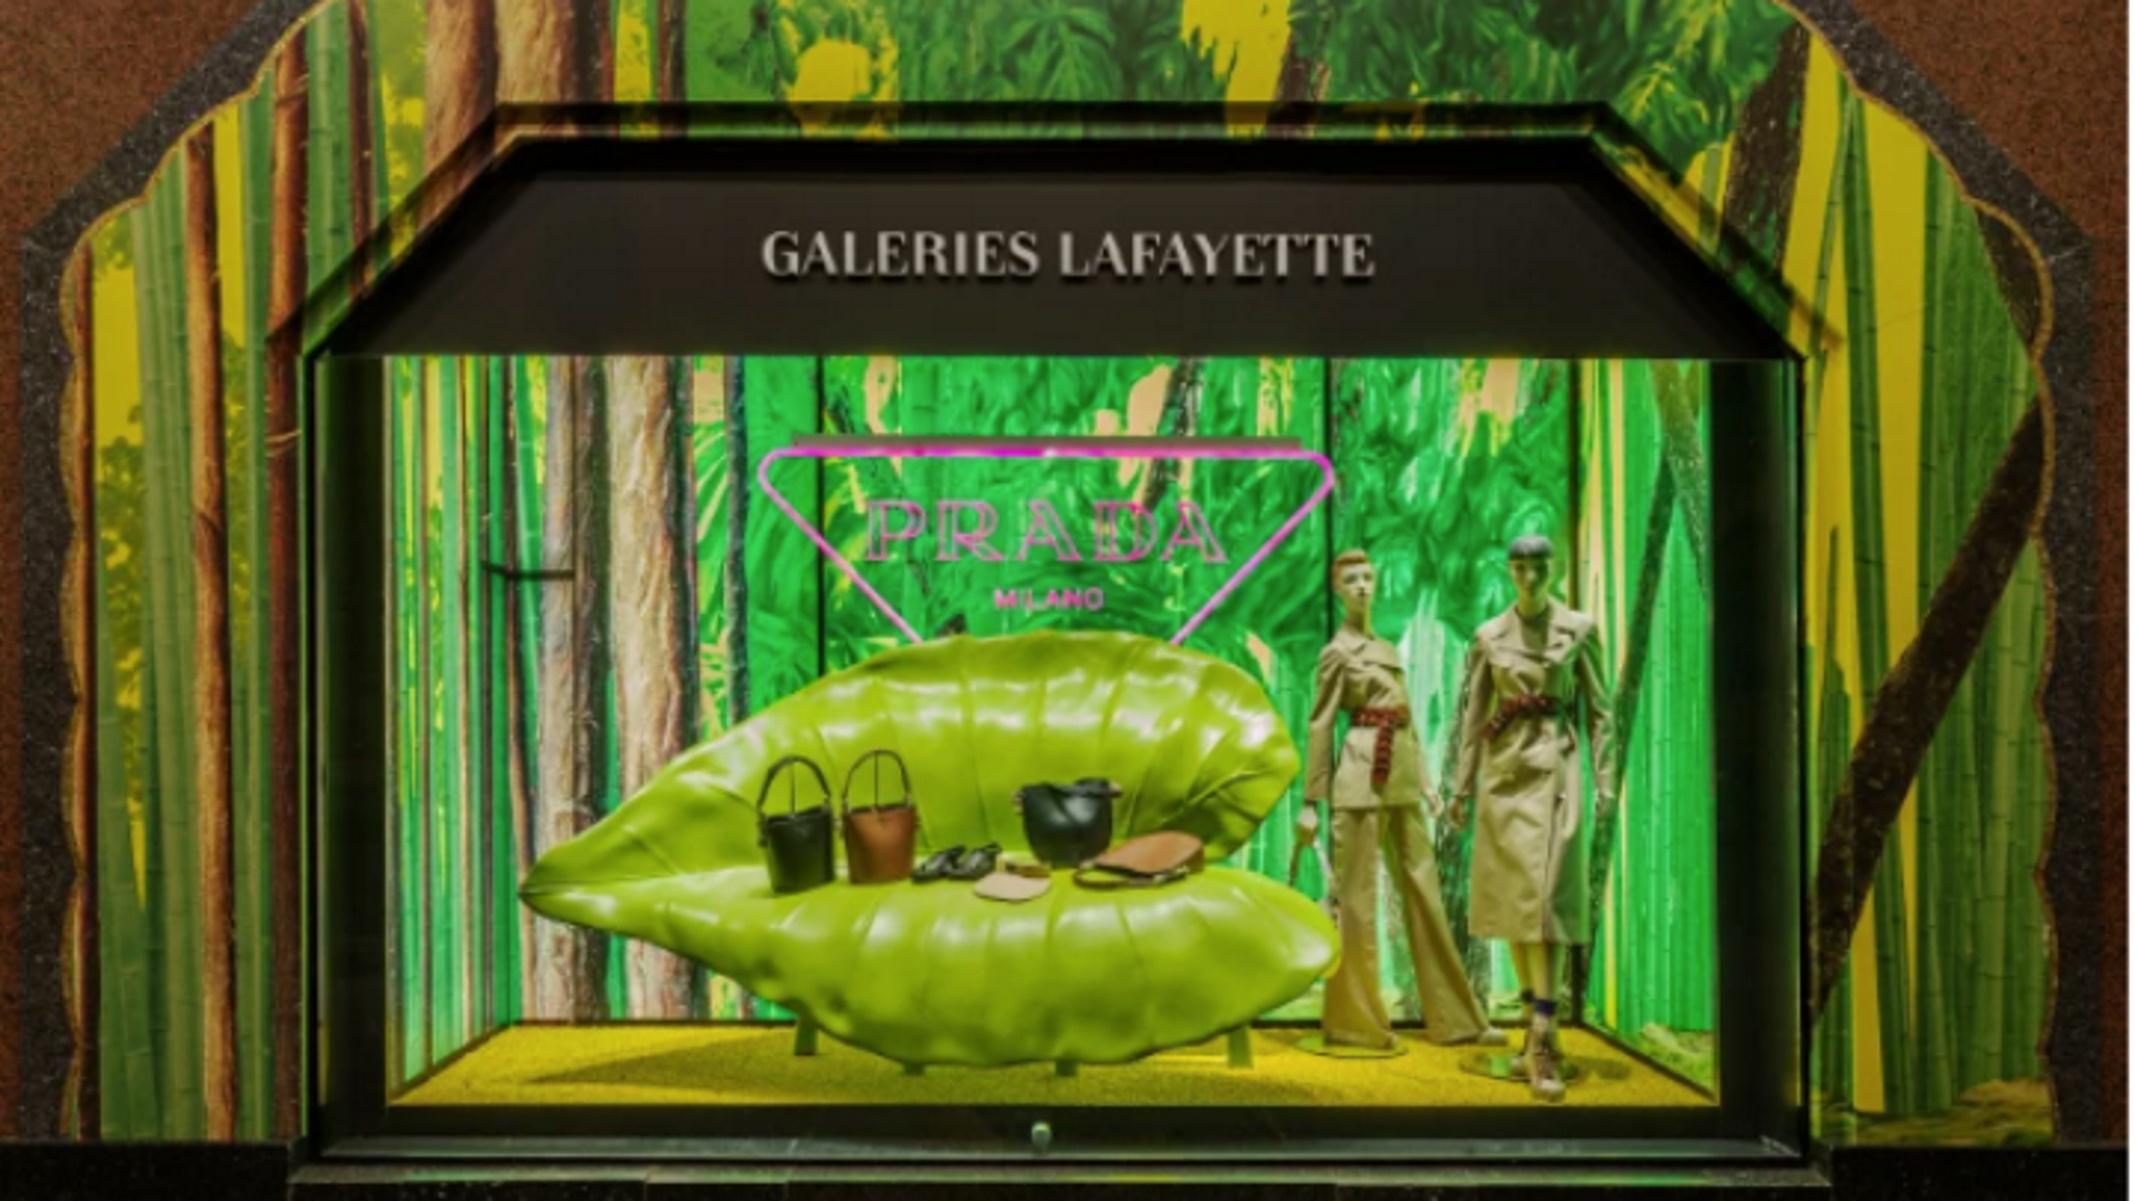 """Γαλλία: """"Μαύρη χρονιά"""" για τα πολυκαταστήματα Galeries Lafayette λόγω πανδημίας"""